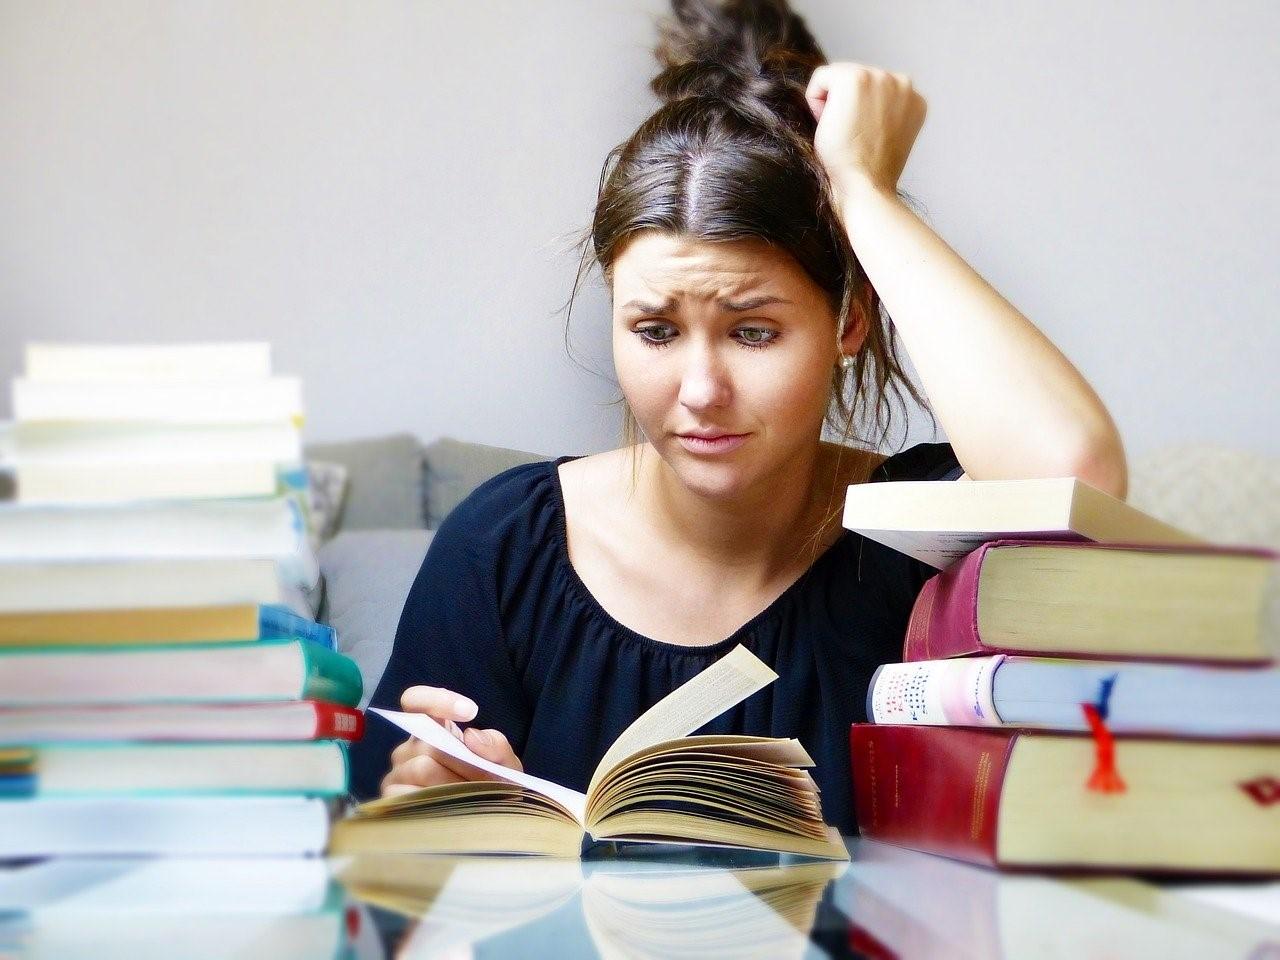 Полезные советы для нострификации диплома в Польше